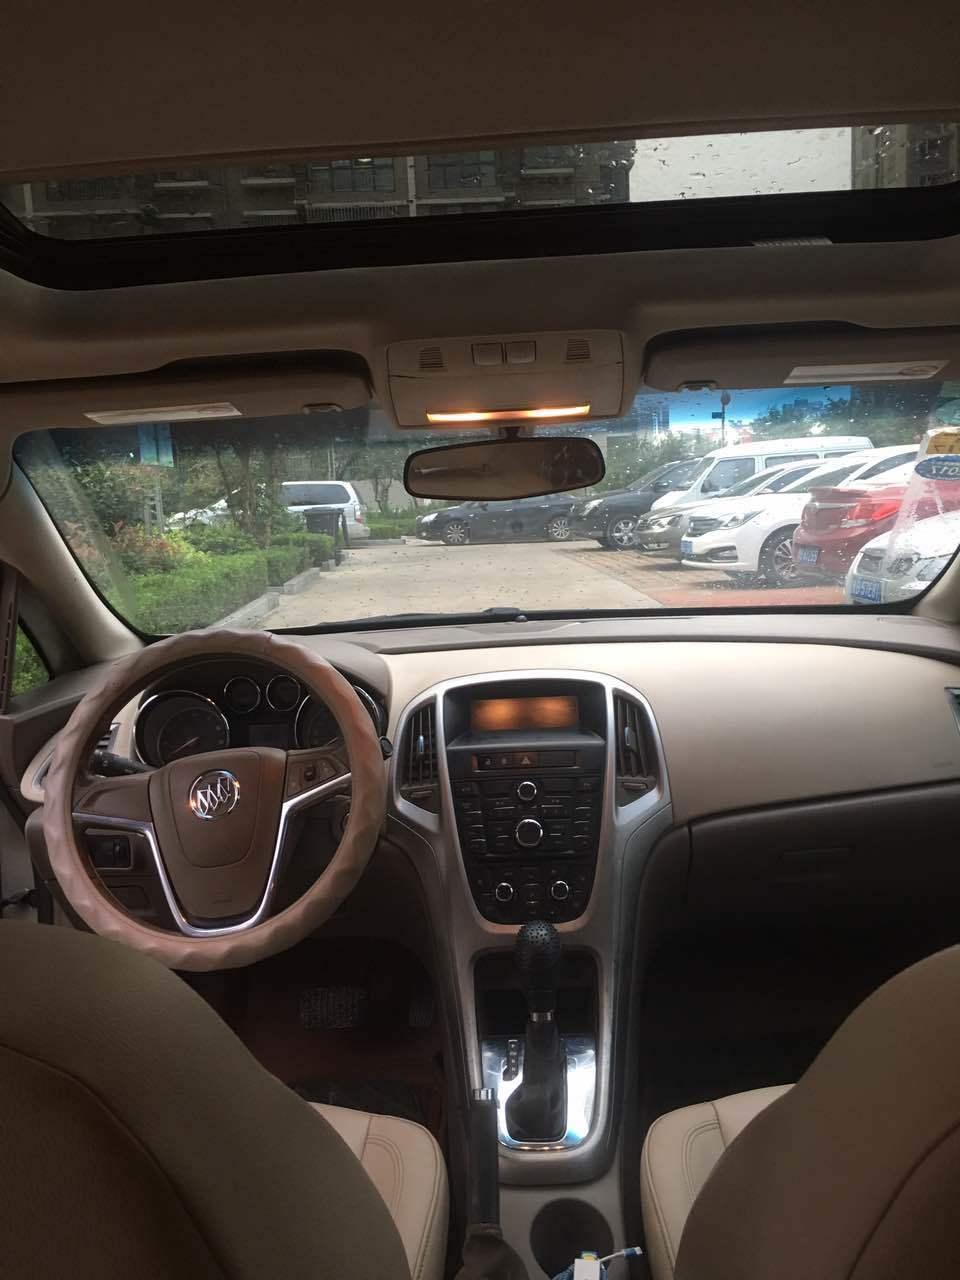 6l 自动时尚版  车主说明 :2011年底 最高配别克英朗 自动挡 天窗